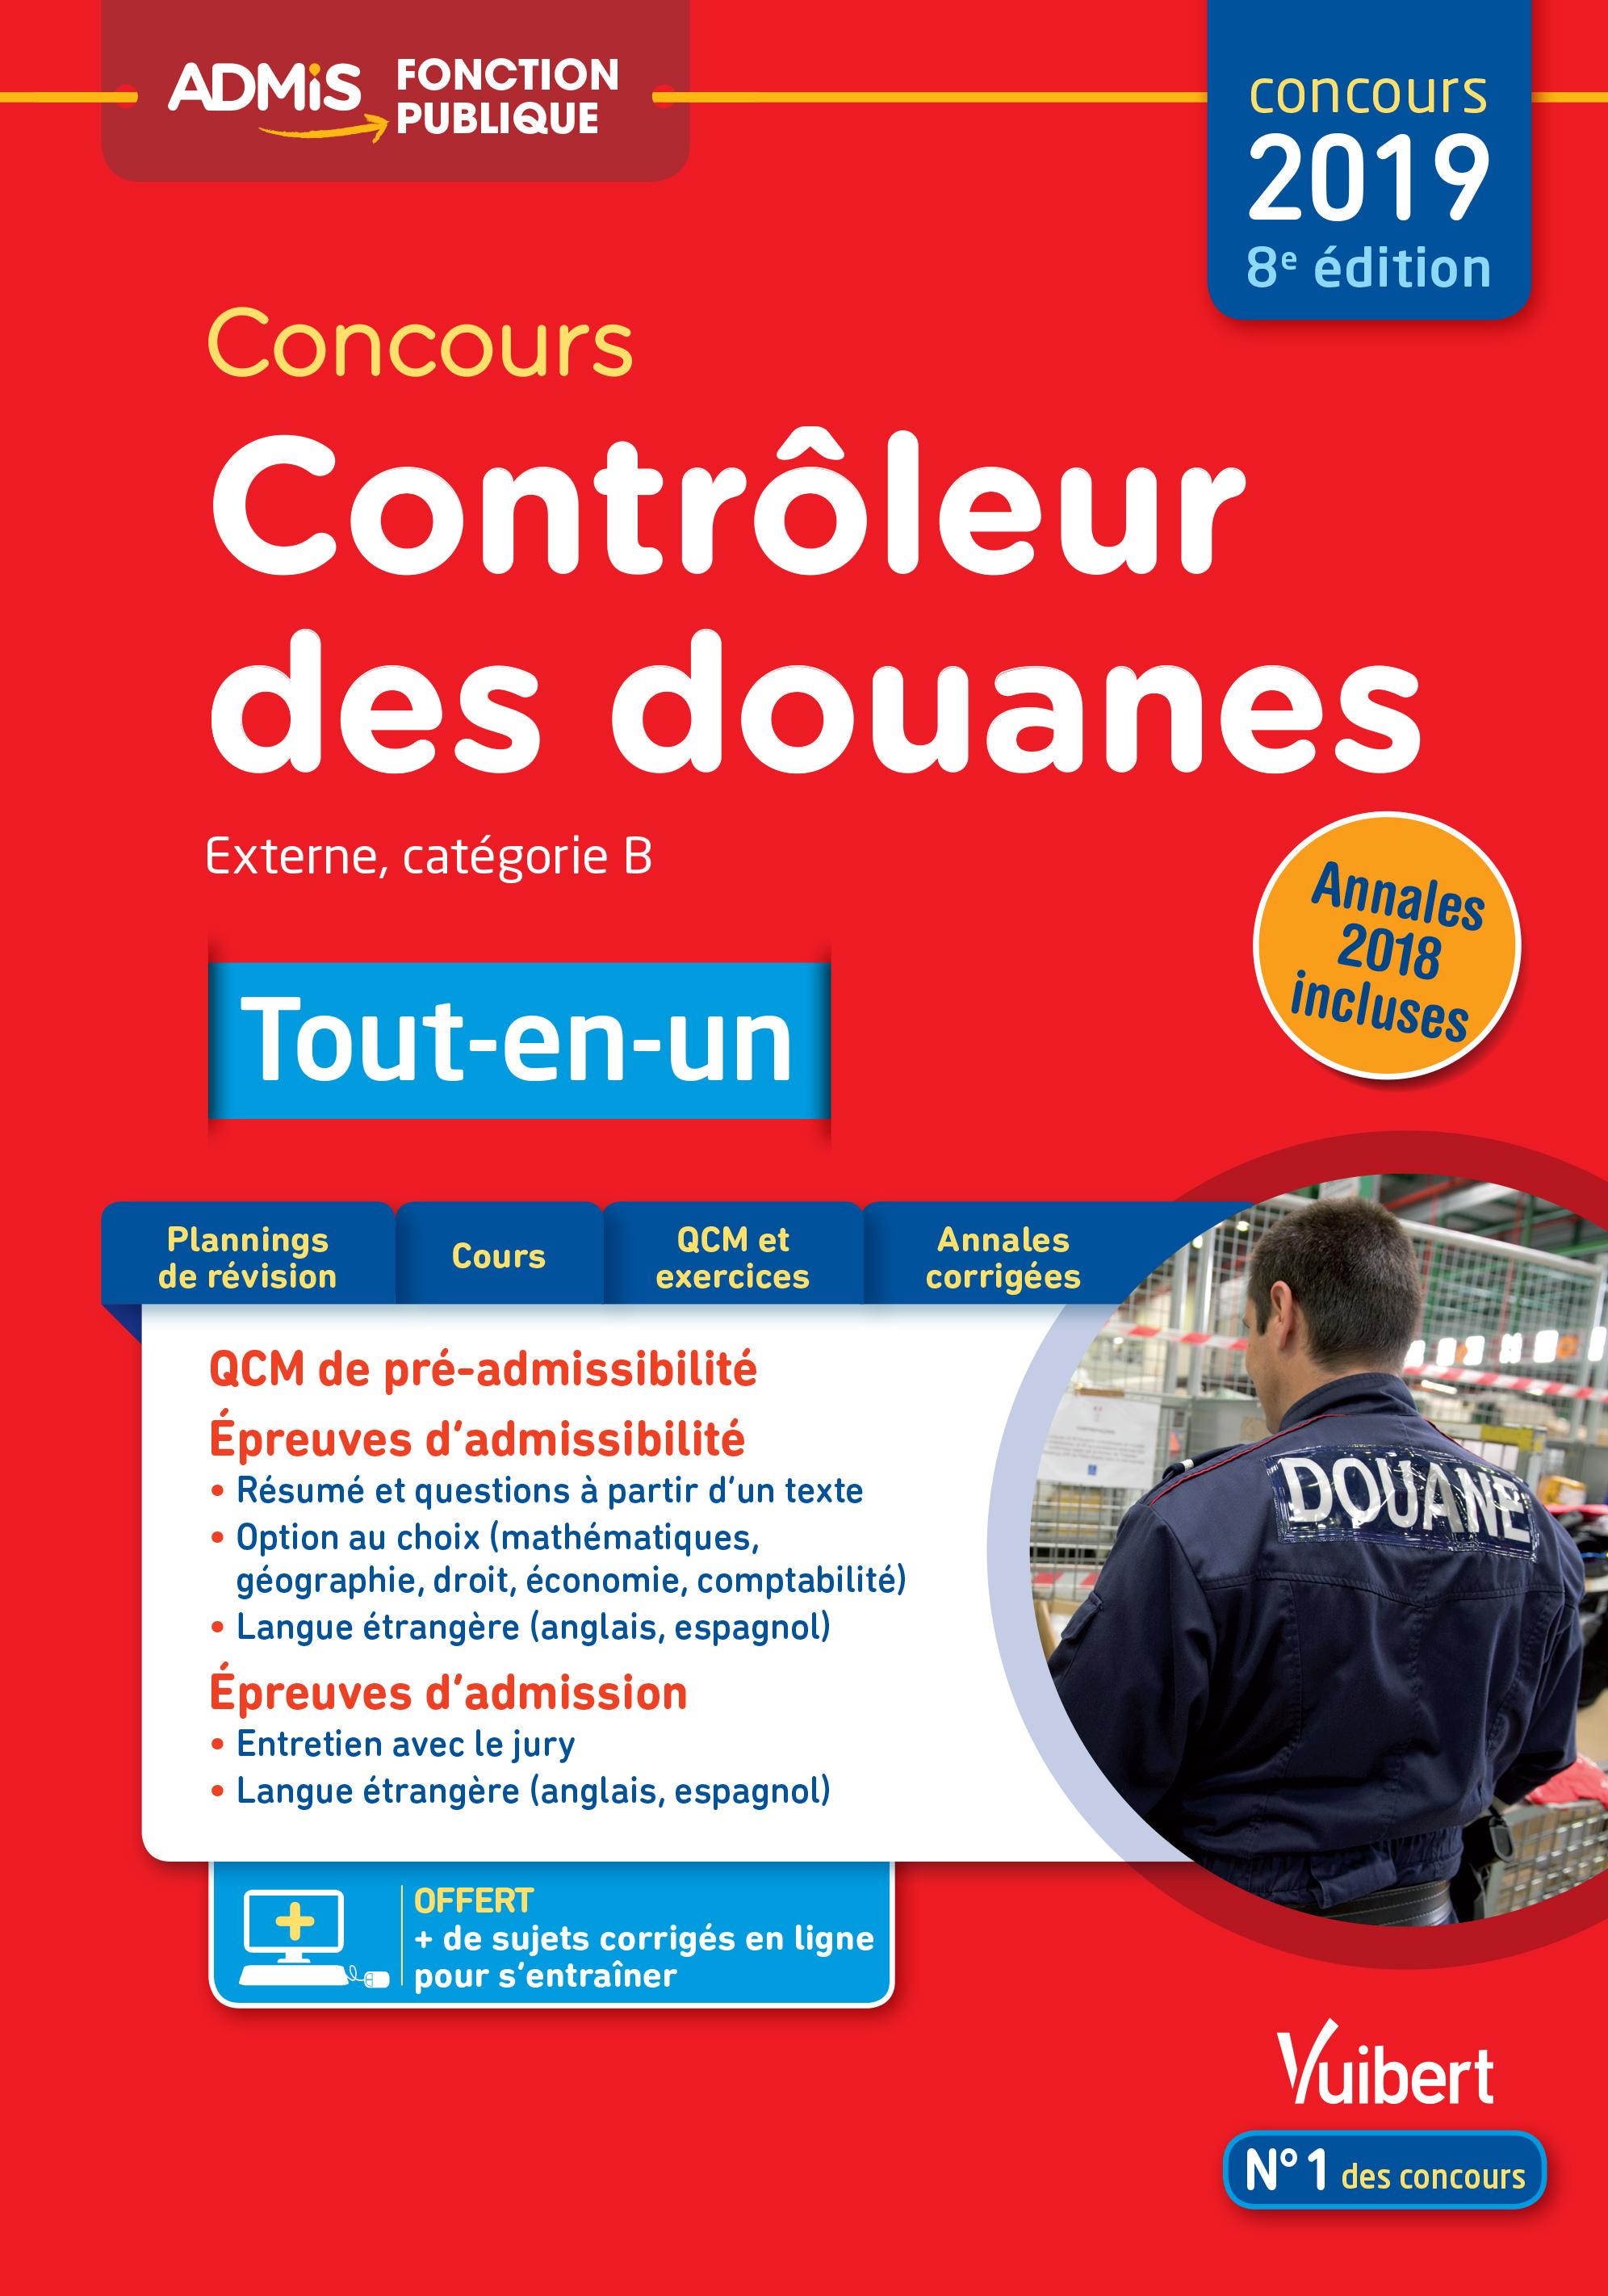 eba92d46b47 Concours Contrôleur des douanes - Catégorie B - Tout-en-un